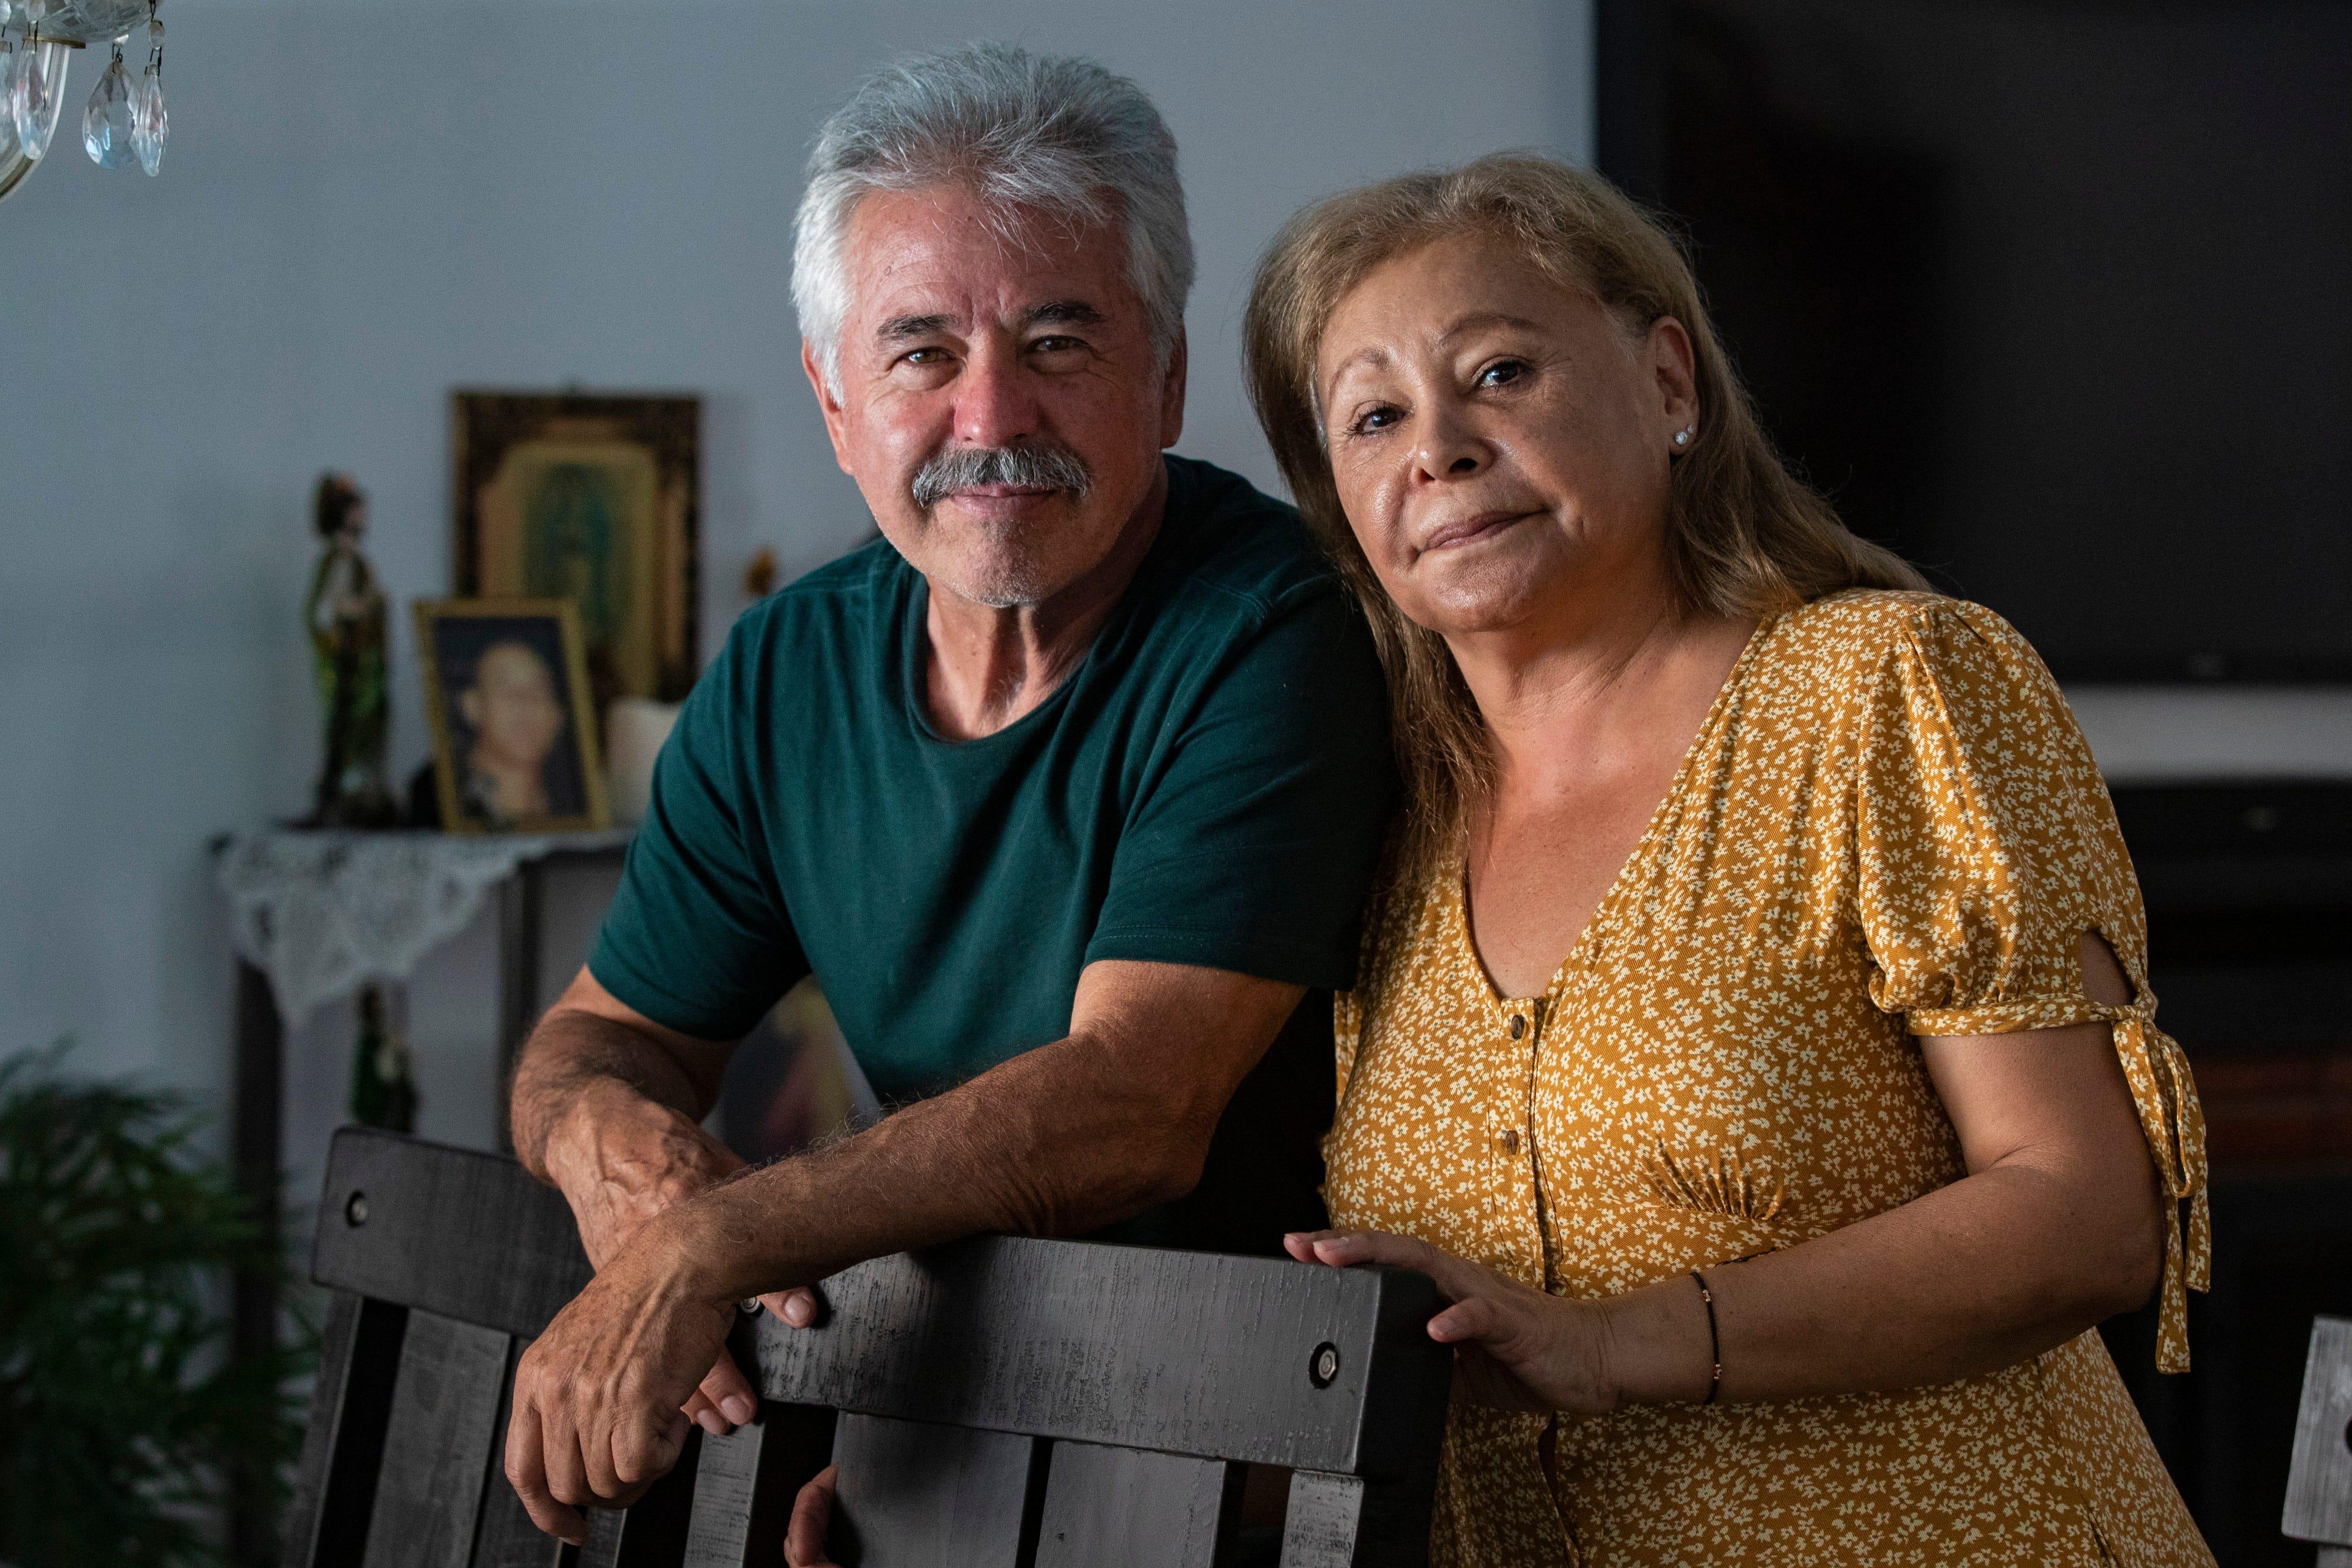 Roque Macias, 61, and Carmen Macias, 62, have not seen or heard from their son, Oscar Macias, since his short involvement with CJNG.